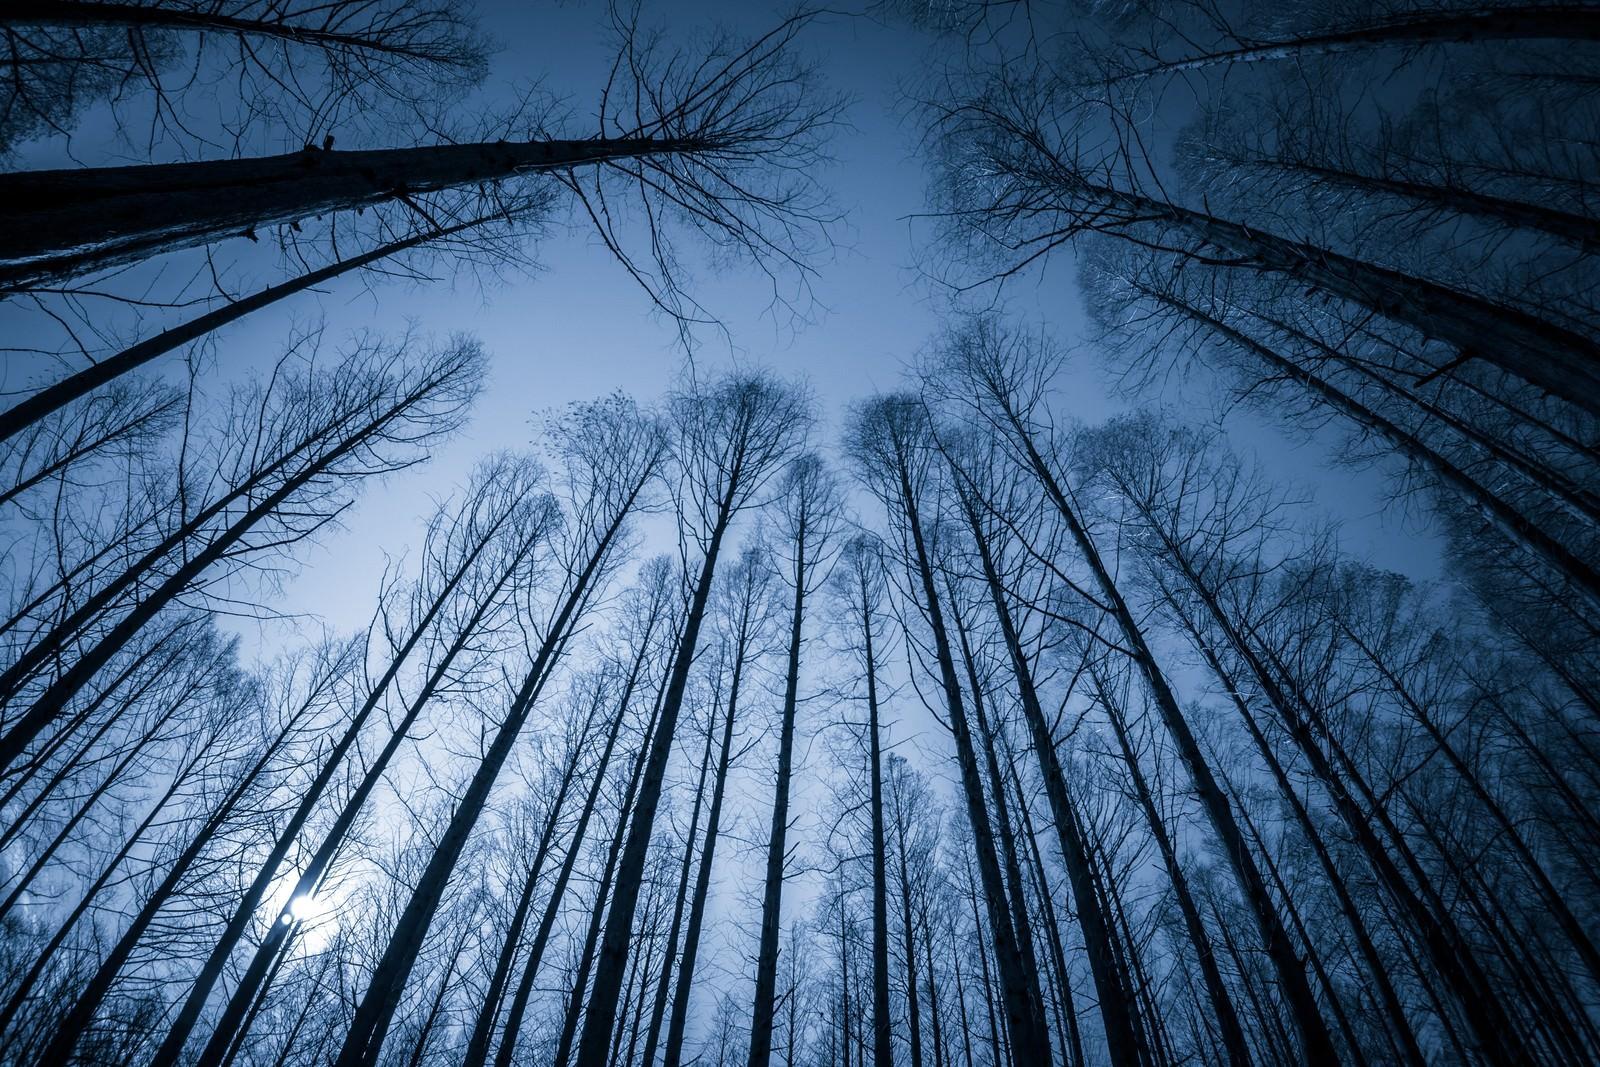 「見上げた木立」の写真